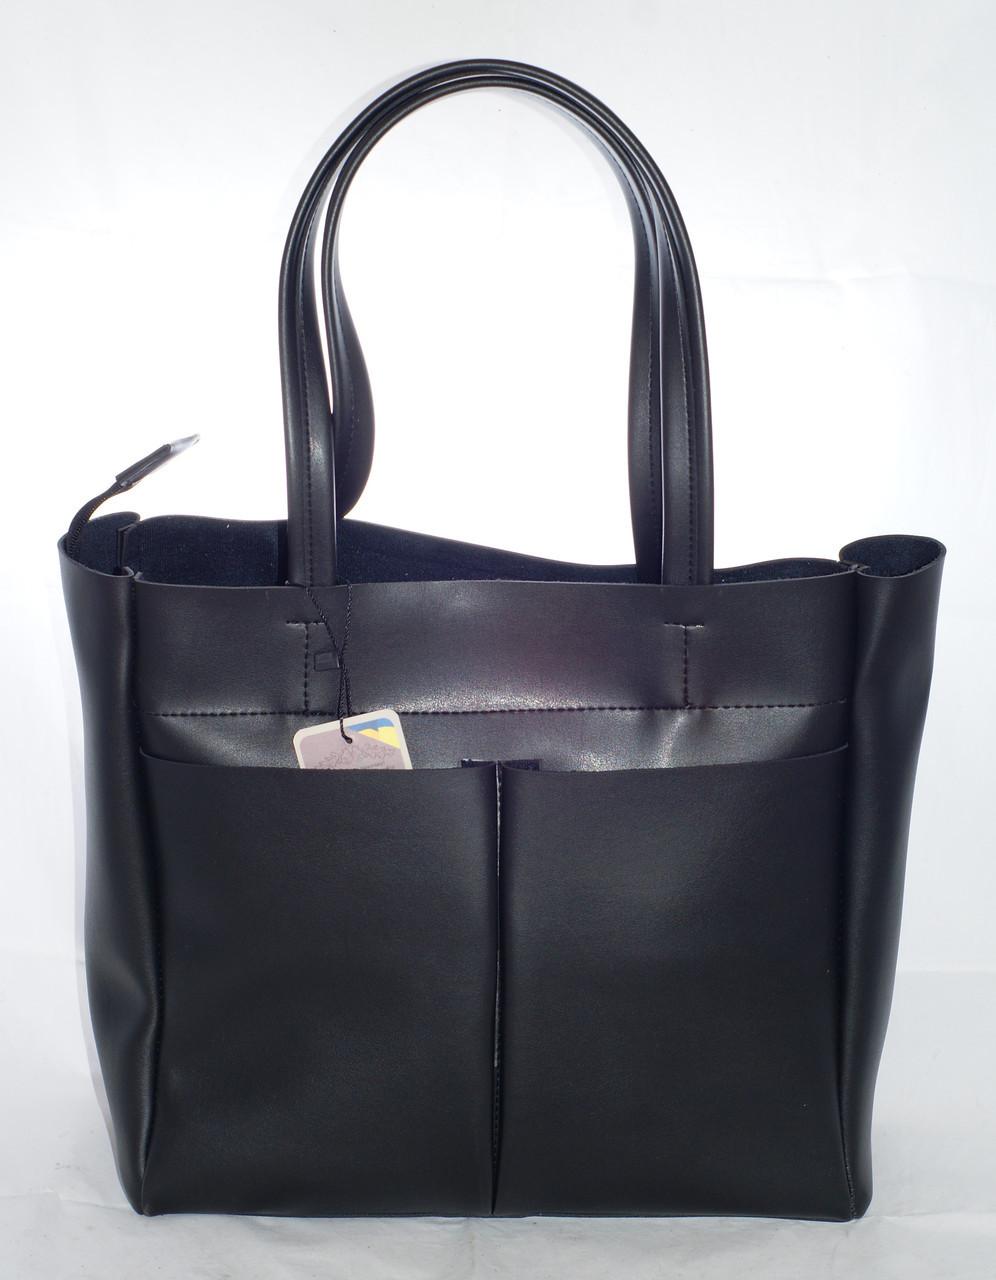 ab69a3107a41 Большая женская сумка-шоппер B.Elit, черная, цена 499 грн., купить в ...